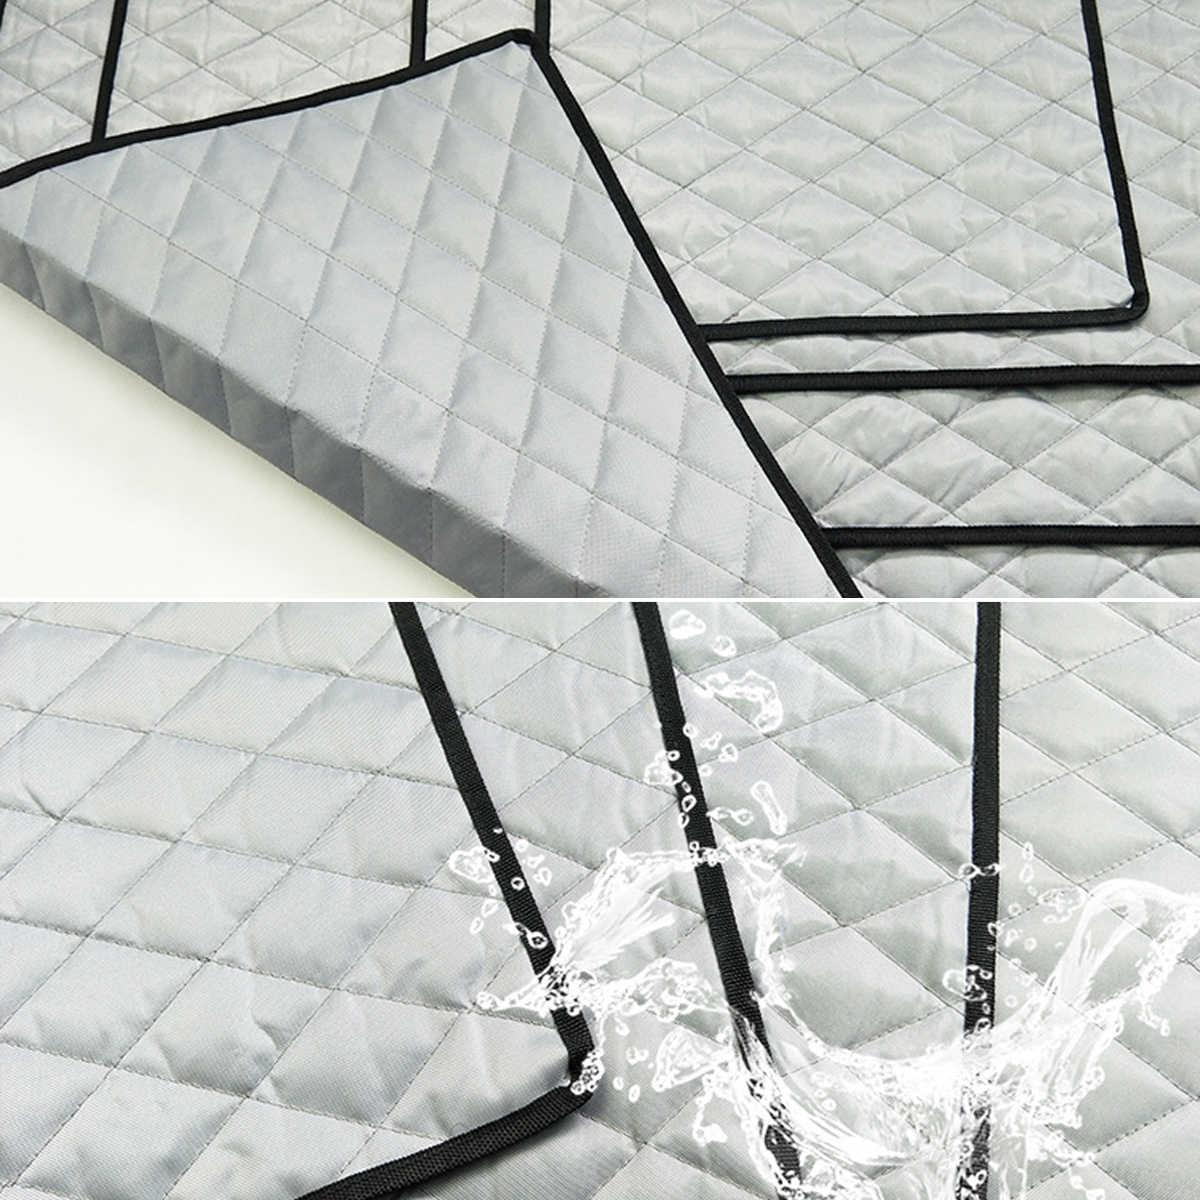 Été gris animaux de compagnie tapis de refroidissement Non toxique Cool Pad lit chiens chat chiot coussin lits tapis respirant couverture chien accessoires fournitures